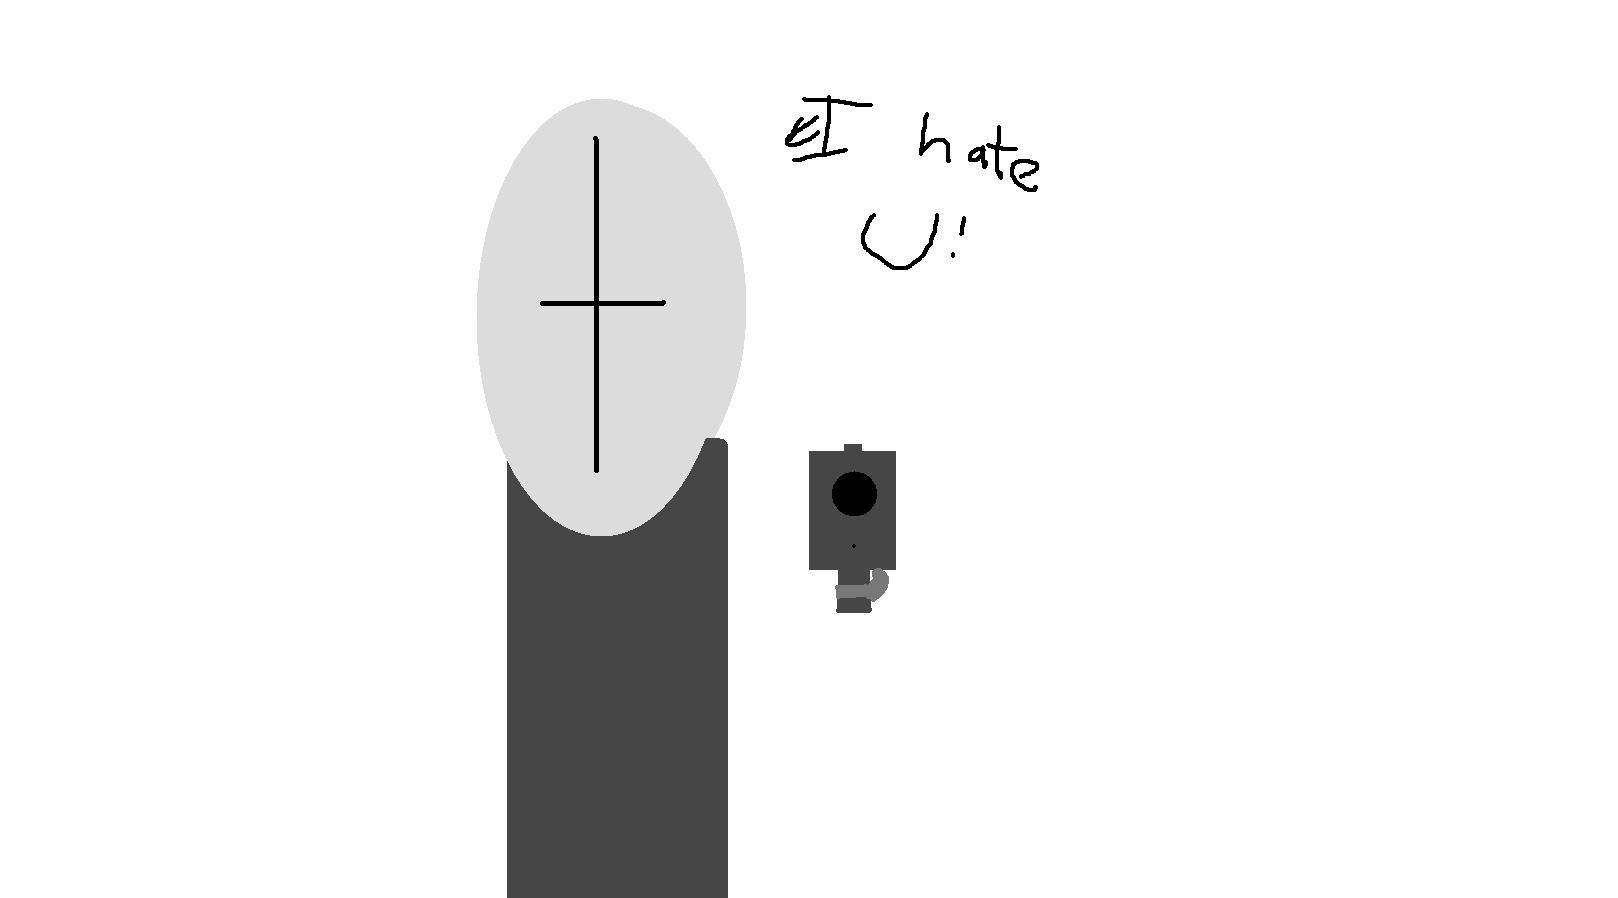 I hate u